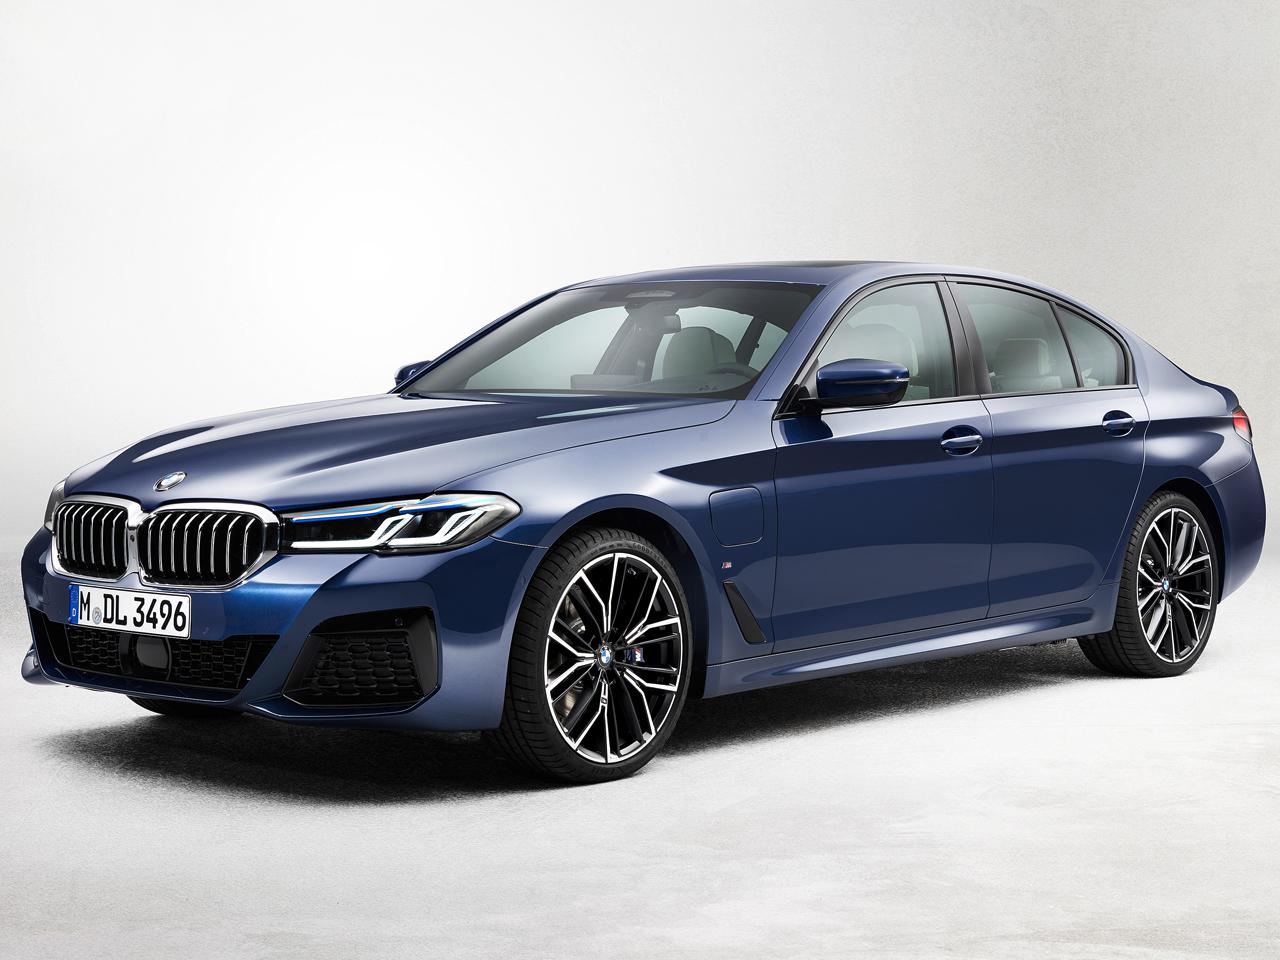 BMW 5シリーズ セダン プラグインハイブリッド 2017年モデル 新車画像